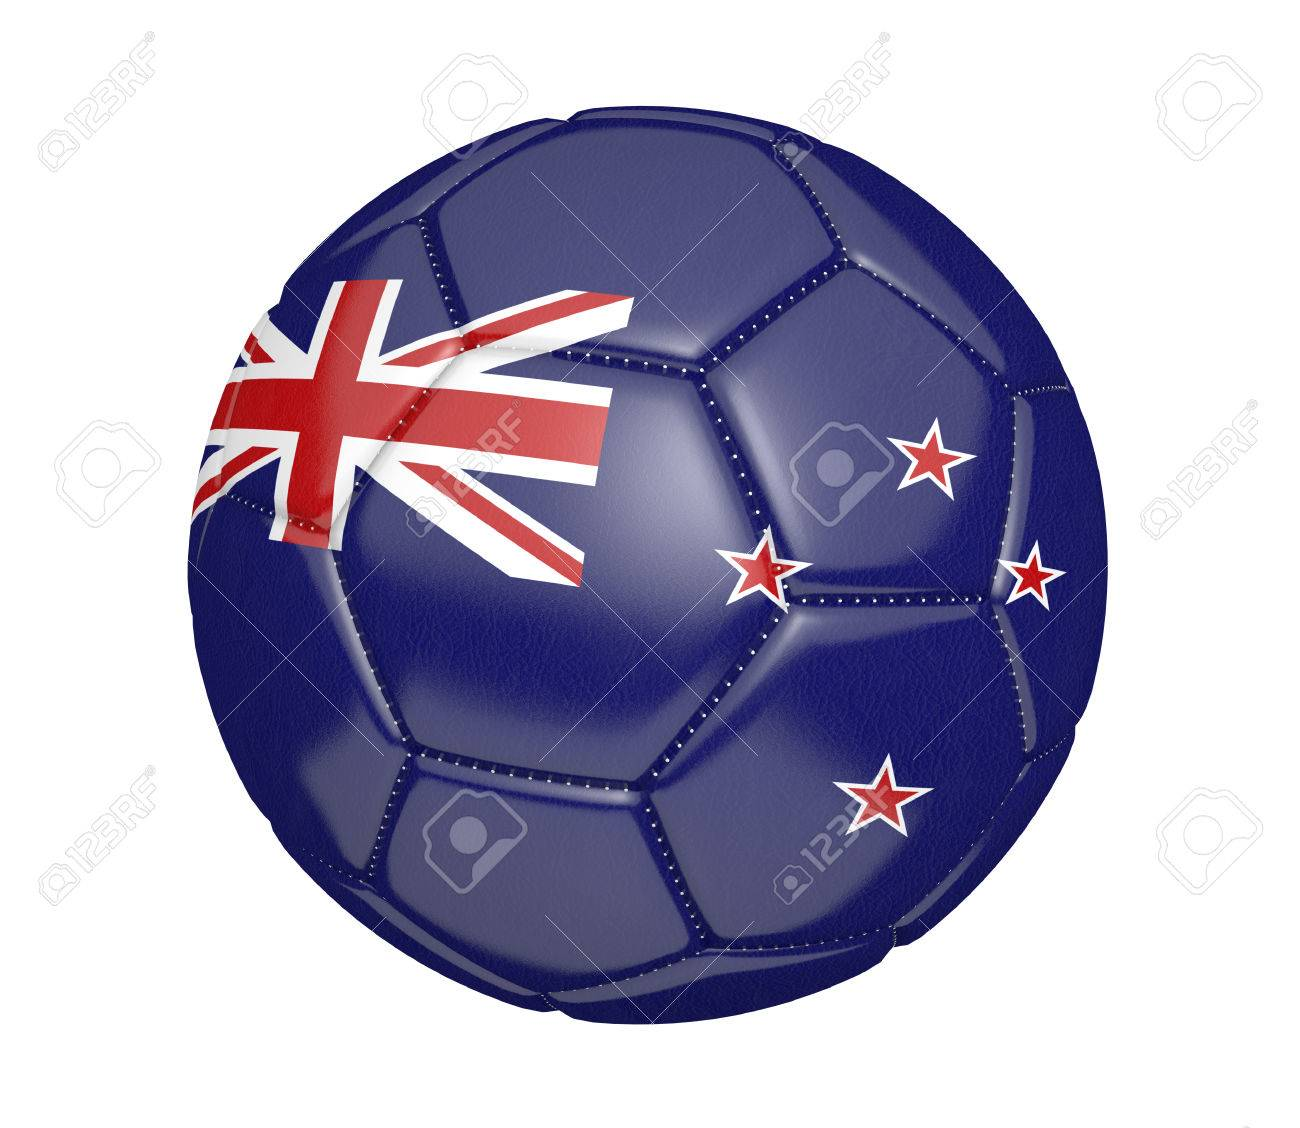 Fußball, Auch Als Fußball Bekannt Ist, Mit Den Farben Der Nationalen ...